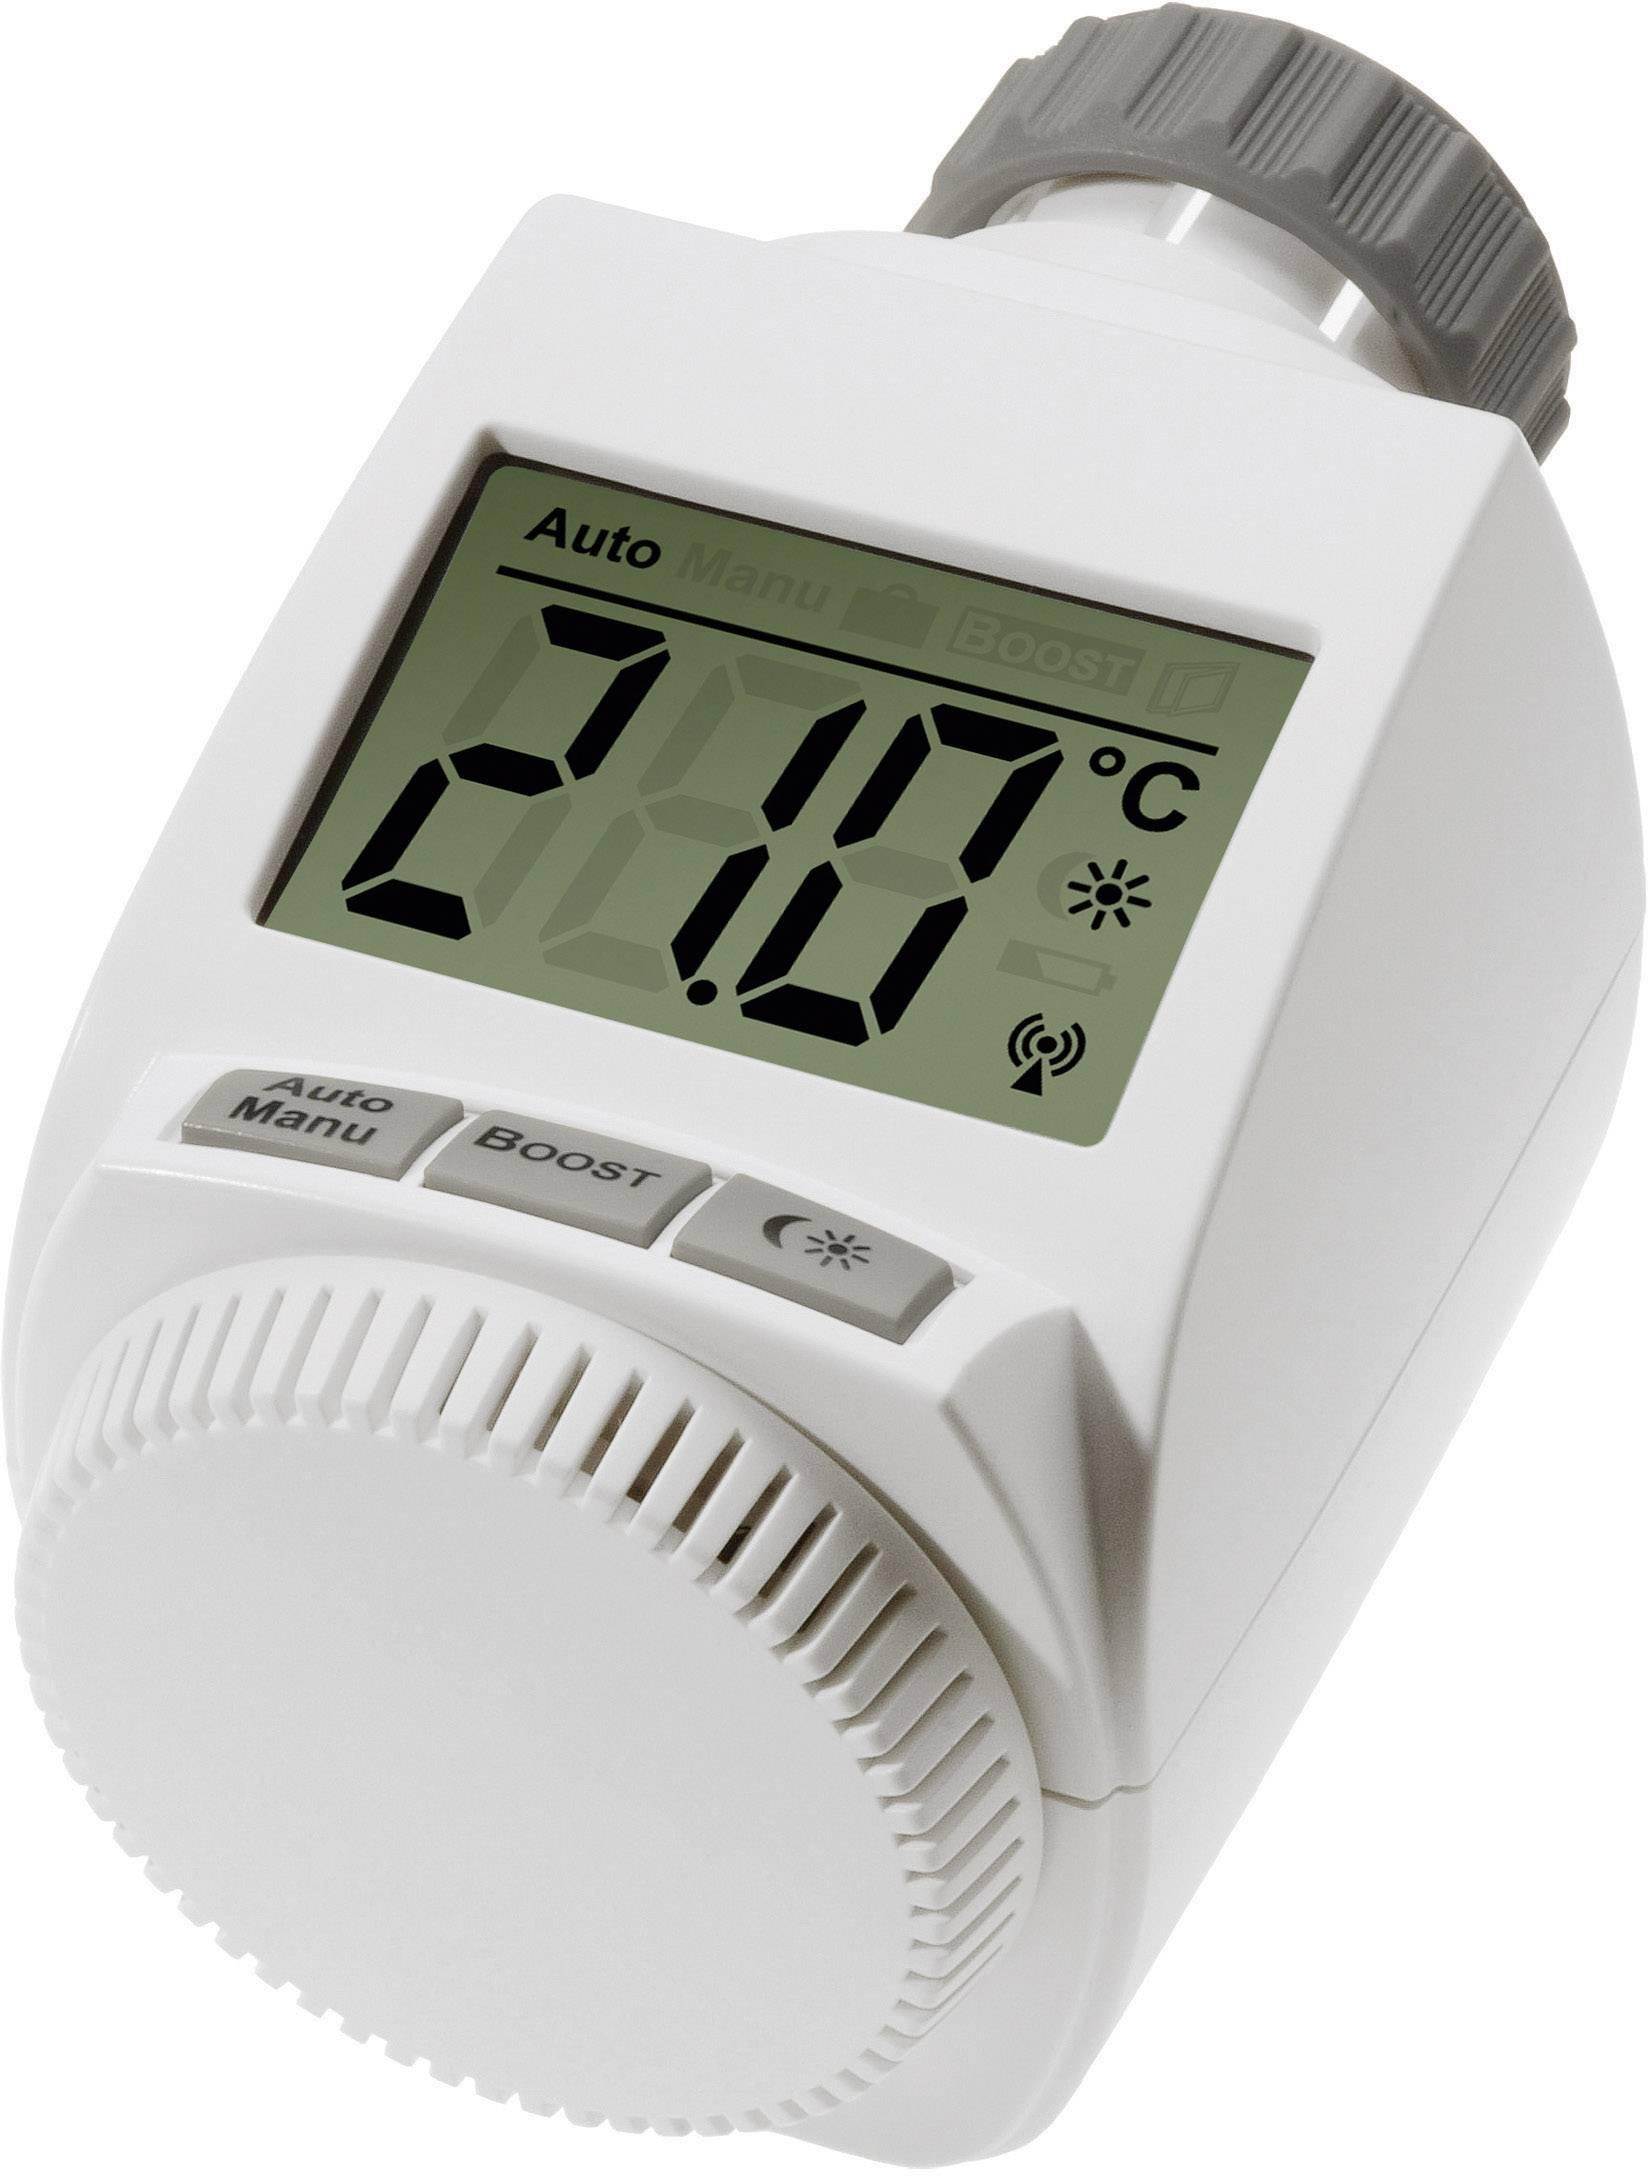 Bezdrôtová termostatatická hlavica na radiátor MAX! MAX!